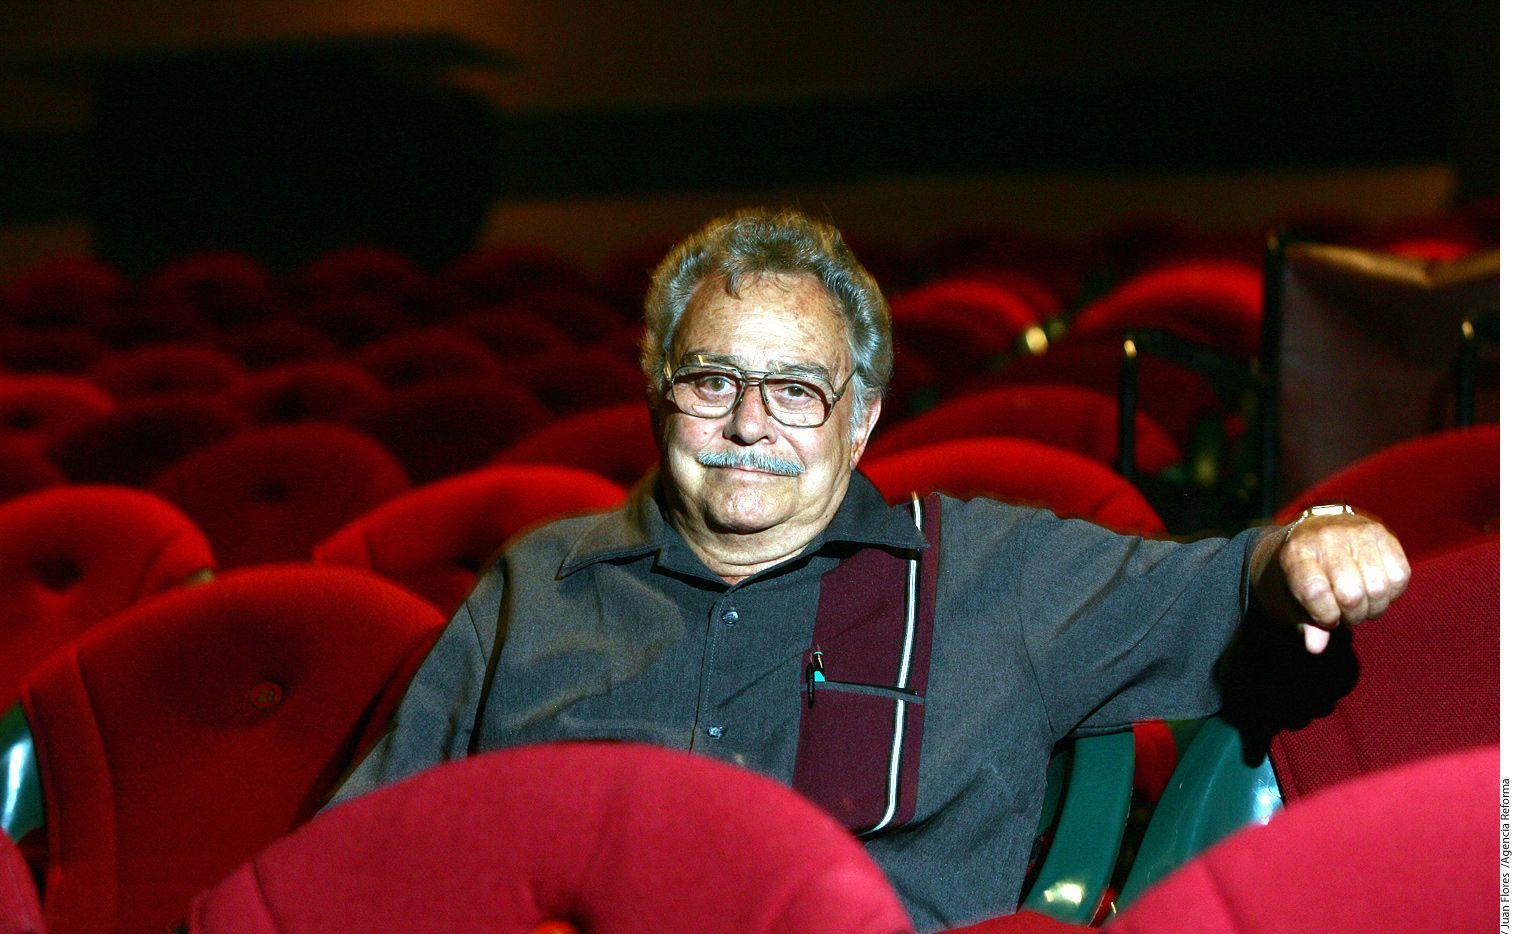 La trayectoria de Polo Ortín abarcó más de 260 películas, la primera de ellas Luces de Barriada, en 1939. Además trabajó en más de 250 obras de teatro./AGENCIA REFORMA